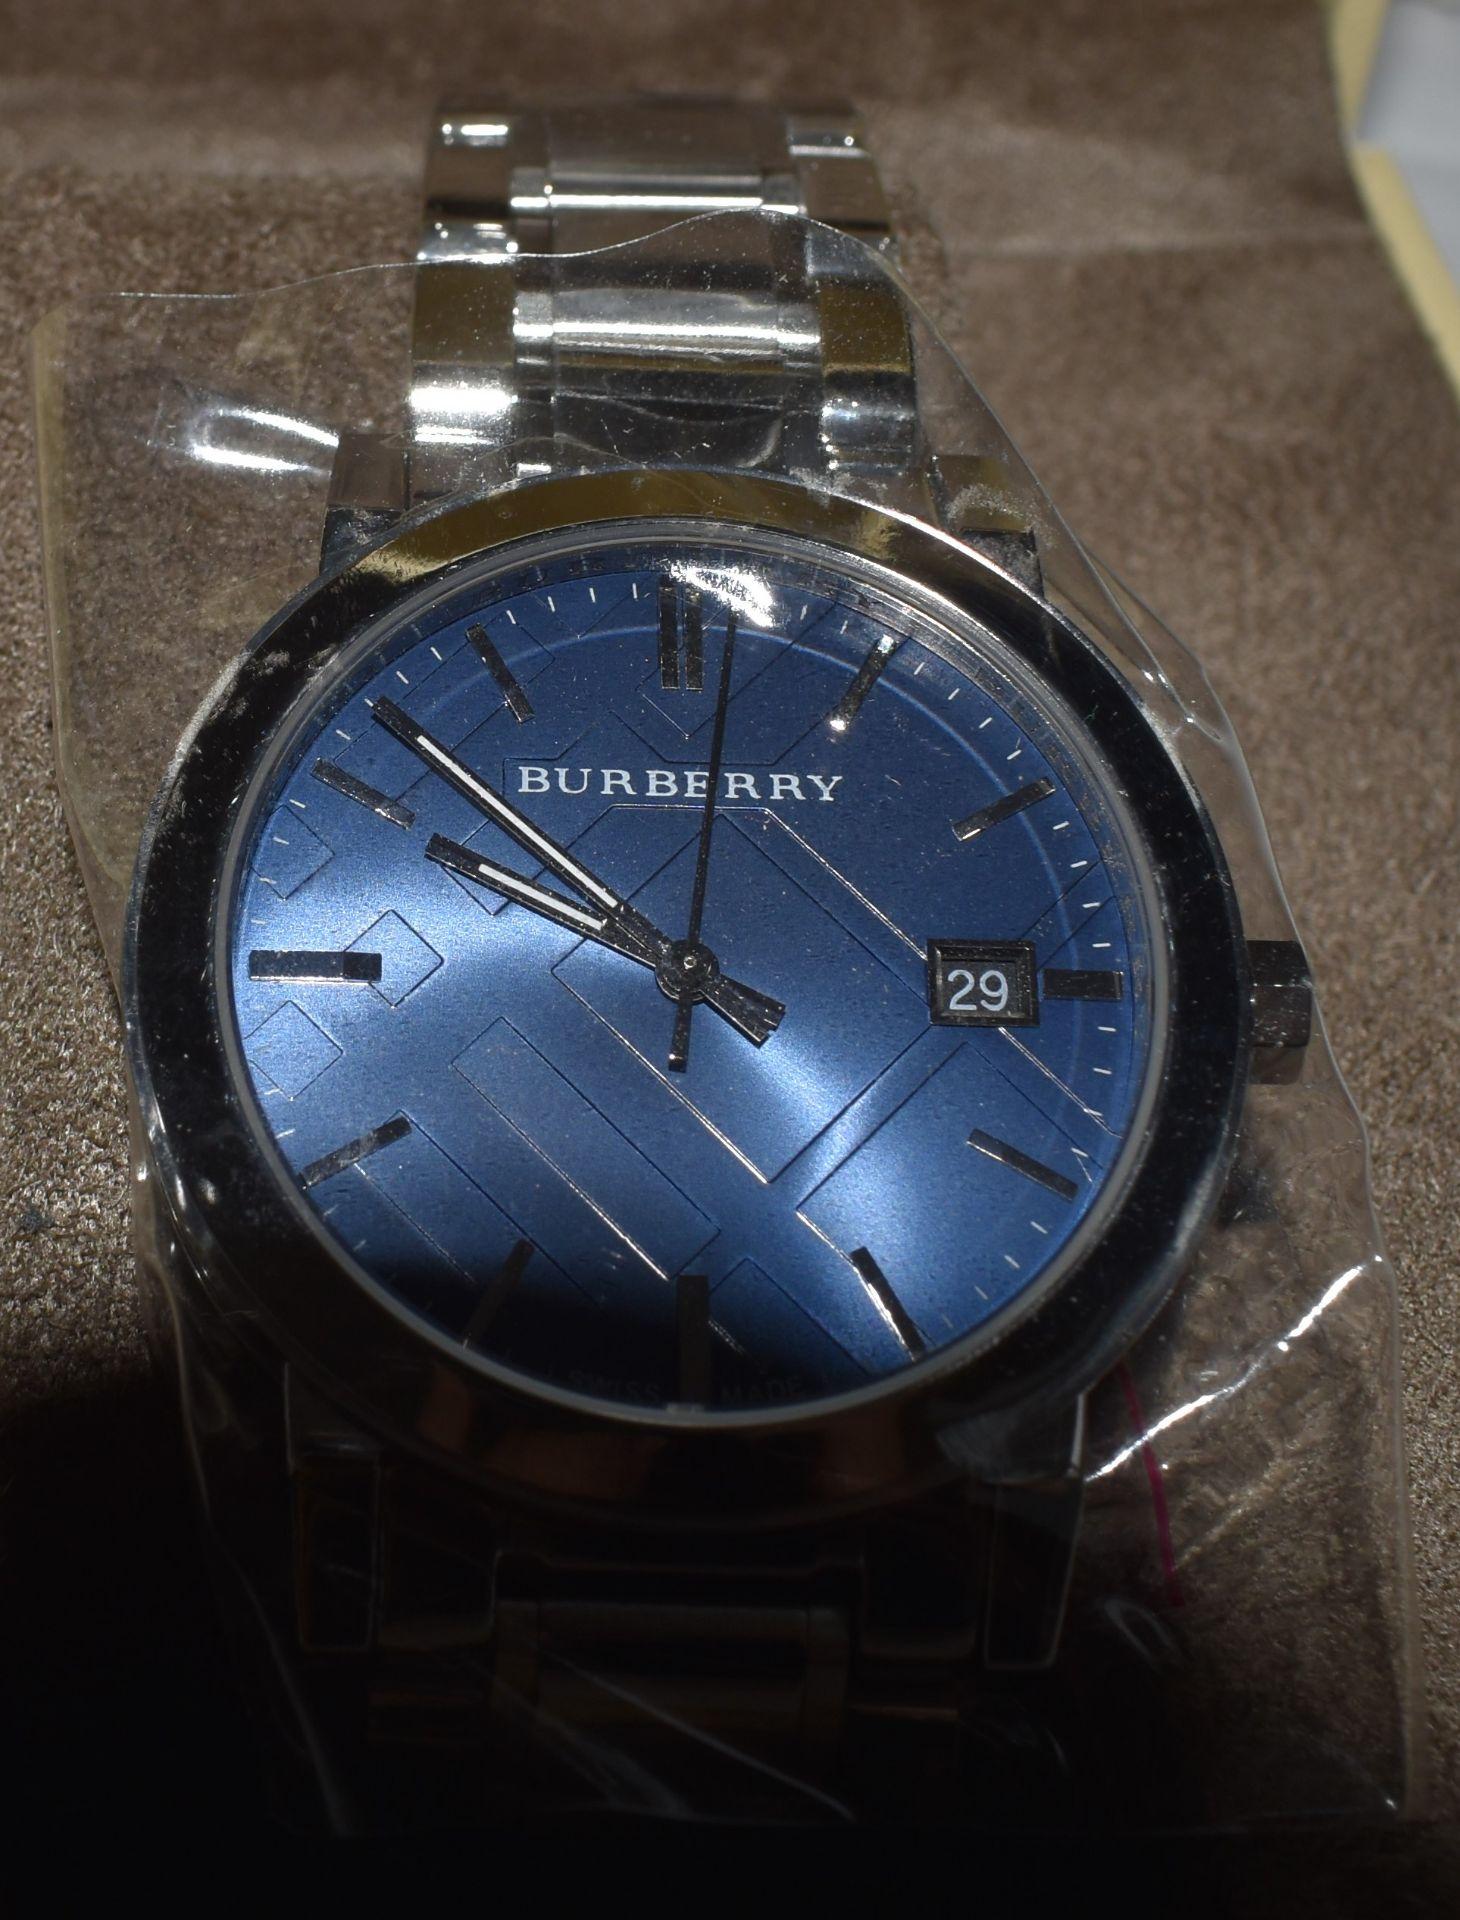 Burberry Men`s Watch BU9031 - Image 2 of 2